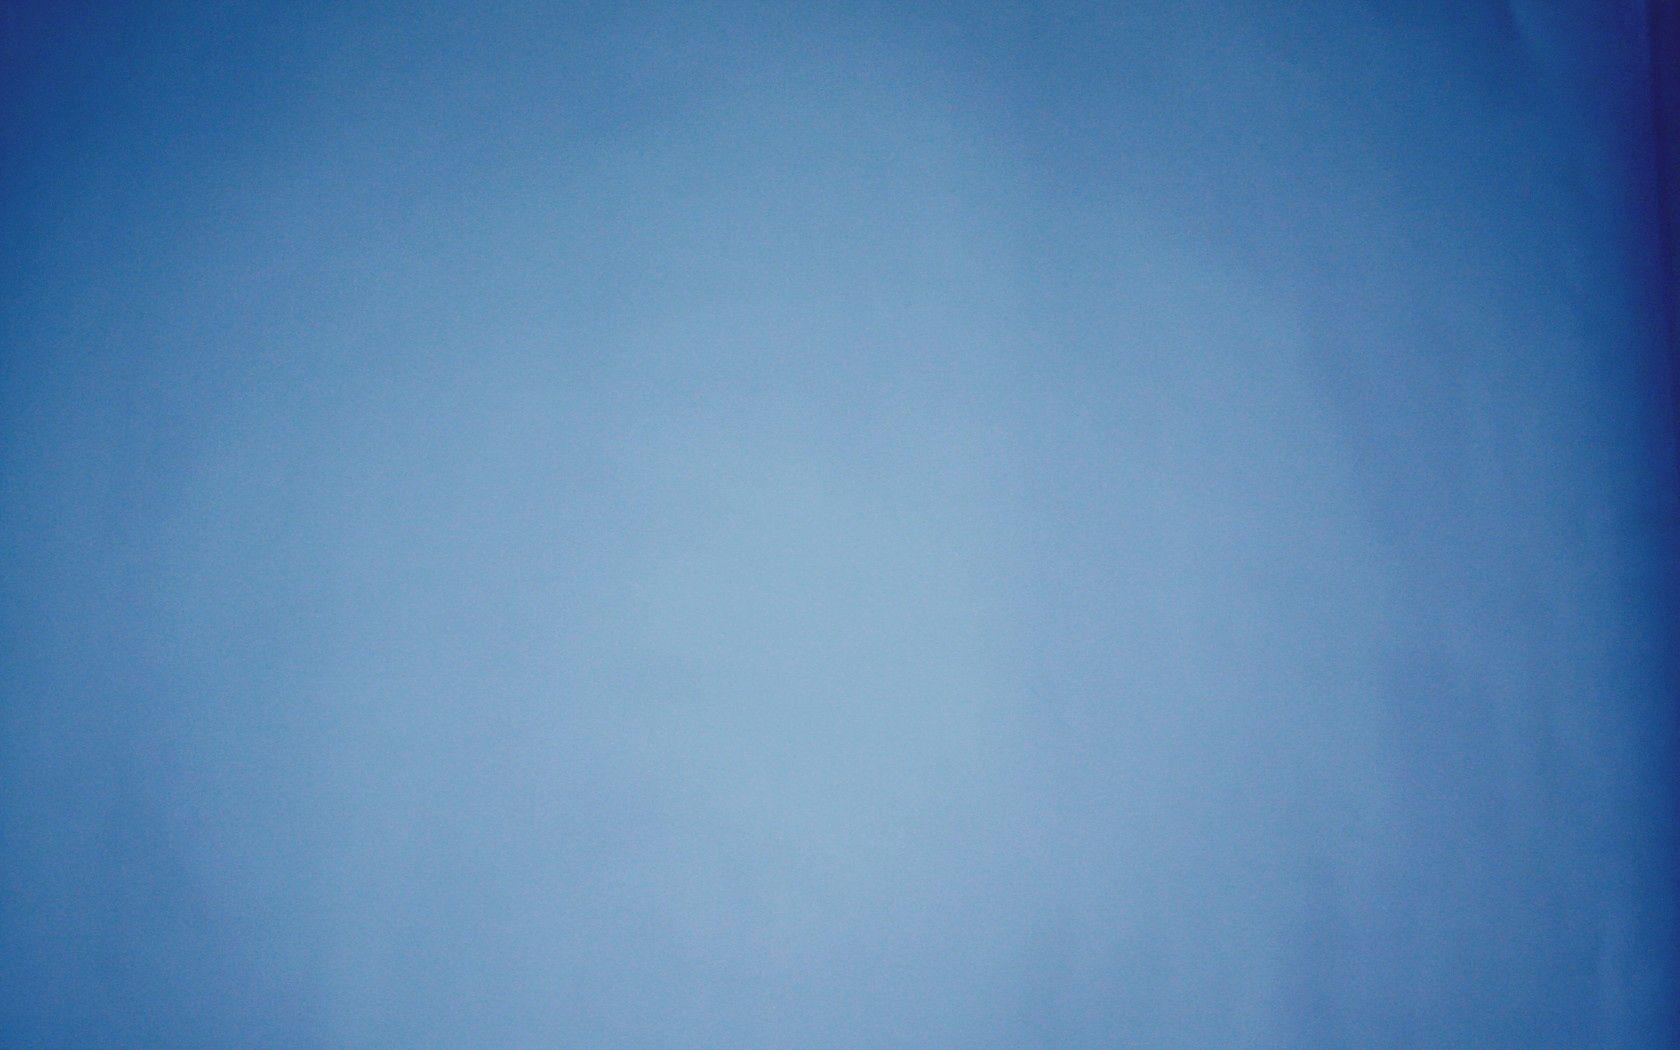 71599 скачать обои Фон, Цвет, Море, Текстуры, Синий, Голубой, Стена, Волна - заставки и картинки бесплатно